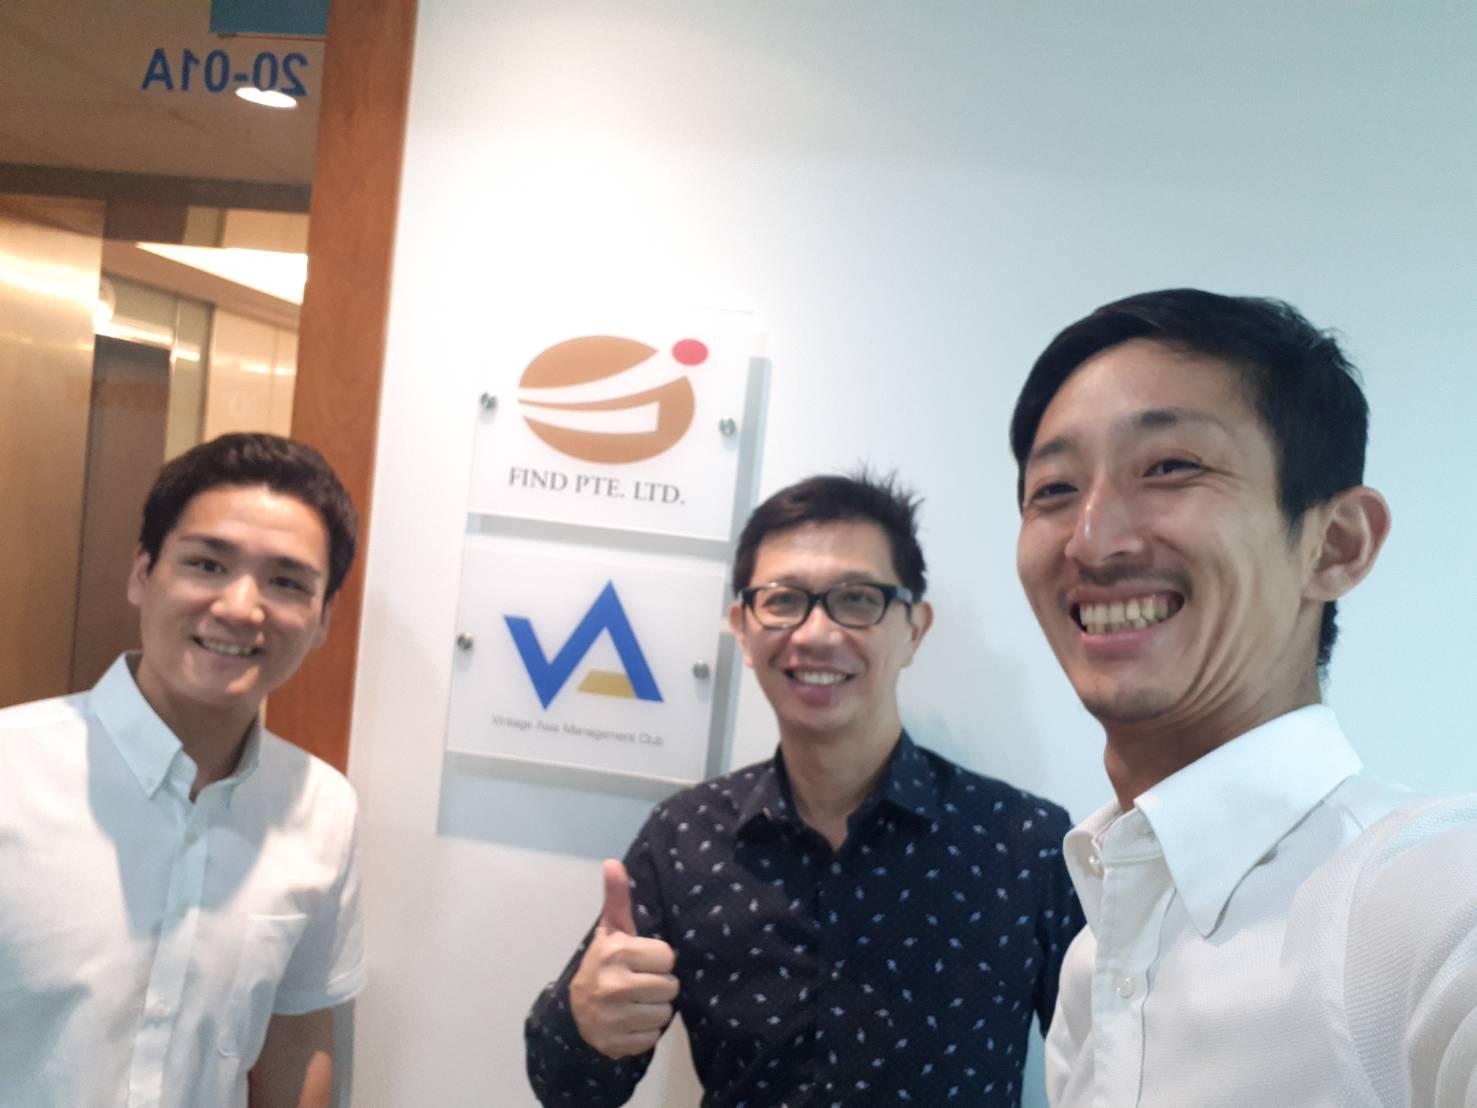 VAMCはWechatやWeiboを活用しユーザー数12億の中華圏マーケットにどんどん仕掛けていきます!